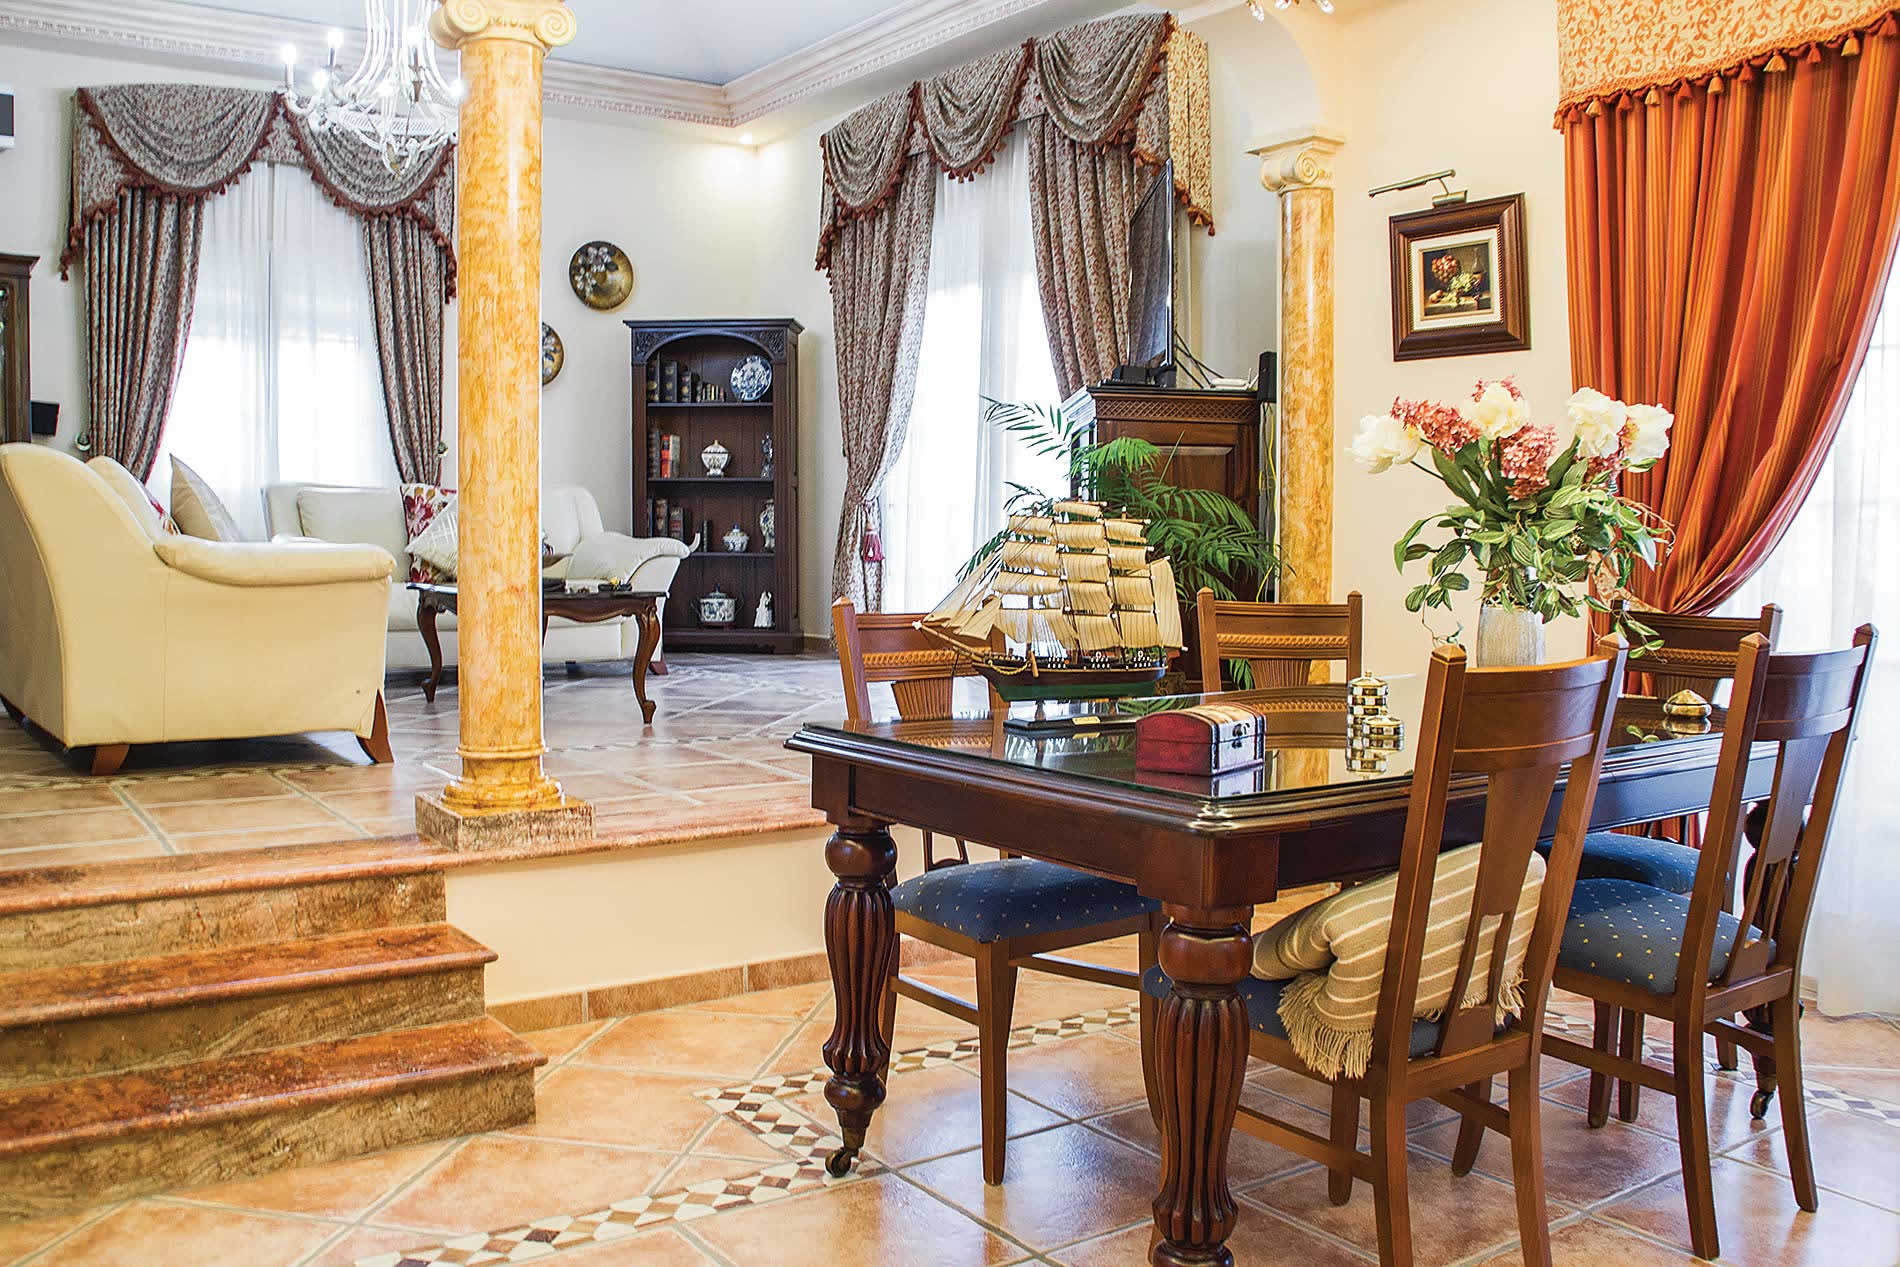 Villa Elizabeth in Alhaurin El Grande - sleeps 8 people